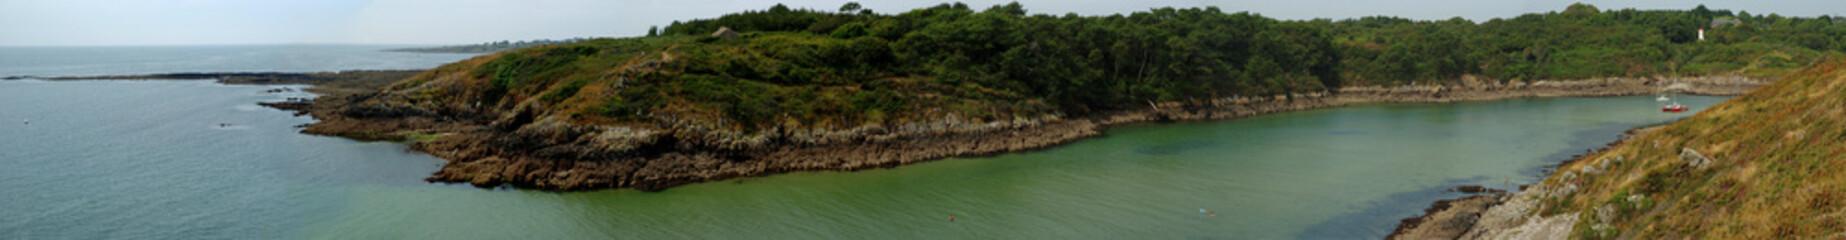 panorama à Mérrien en Finistère